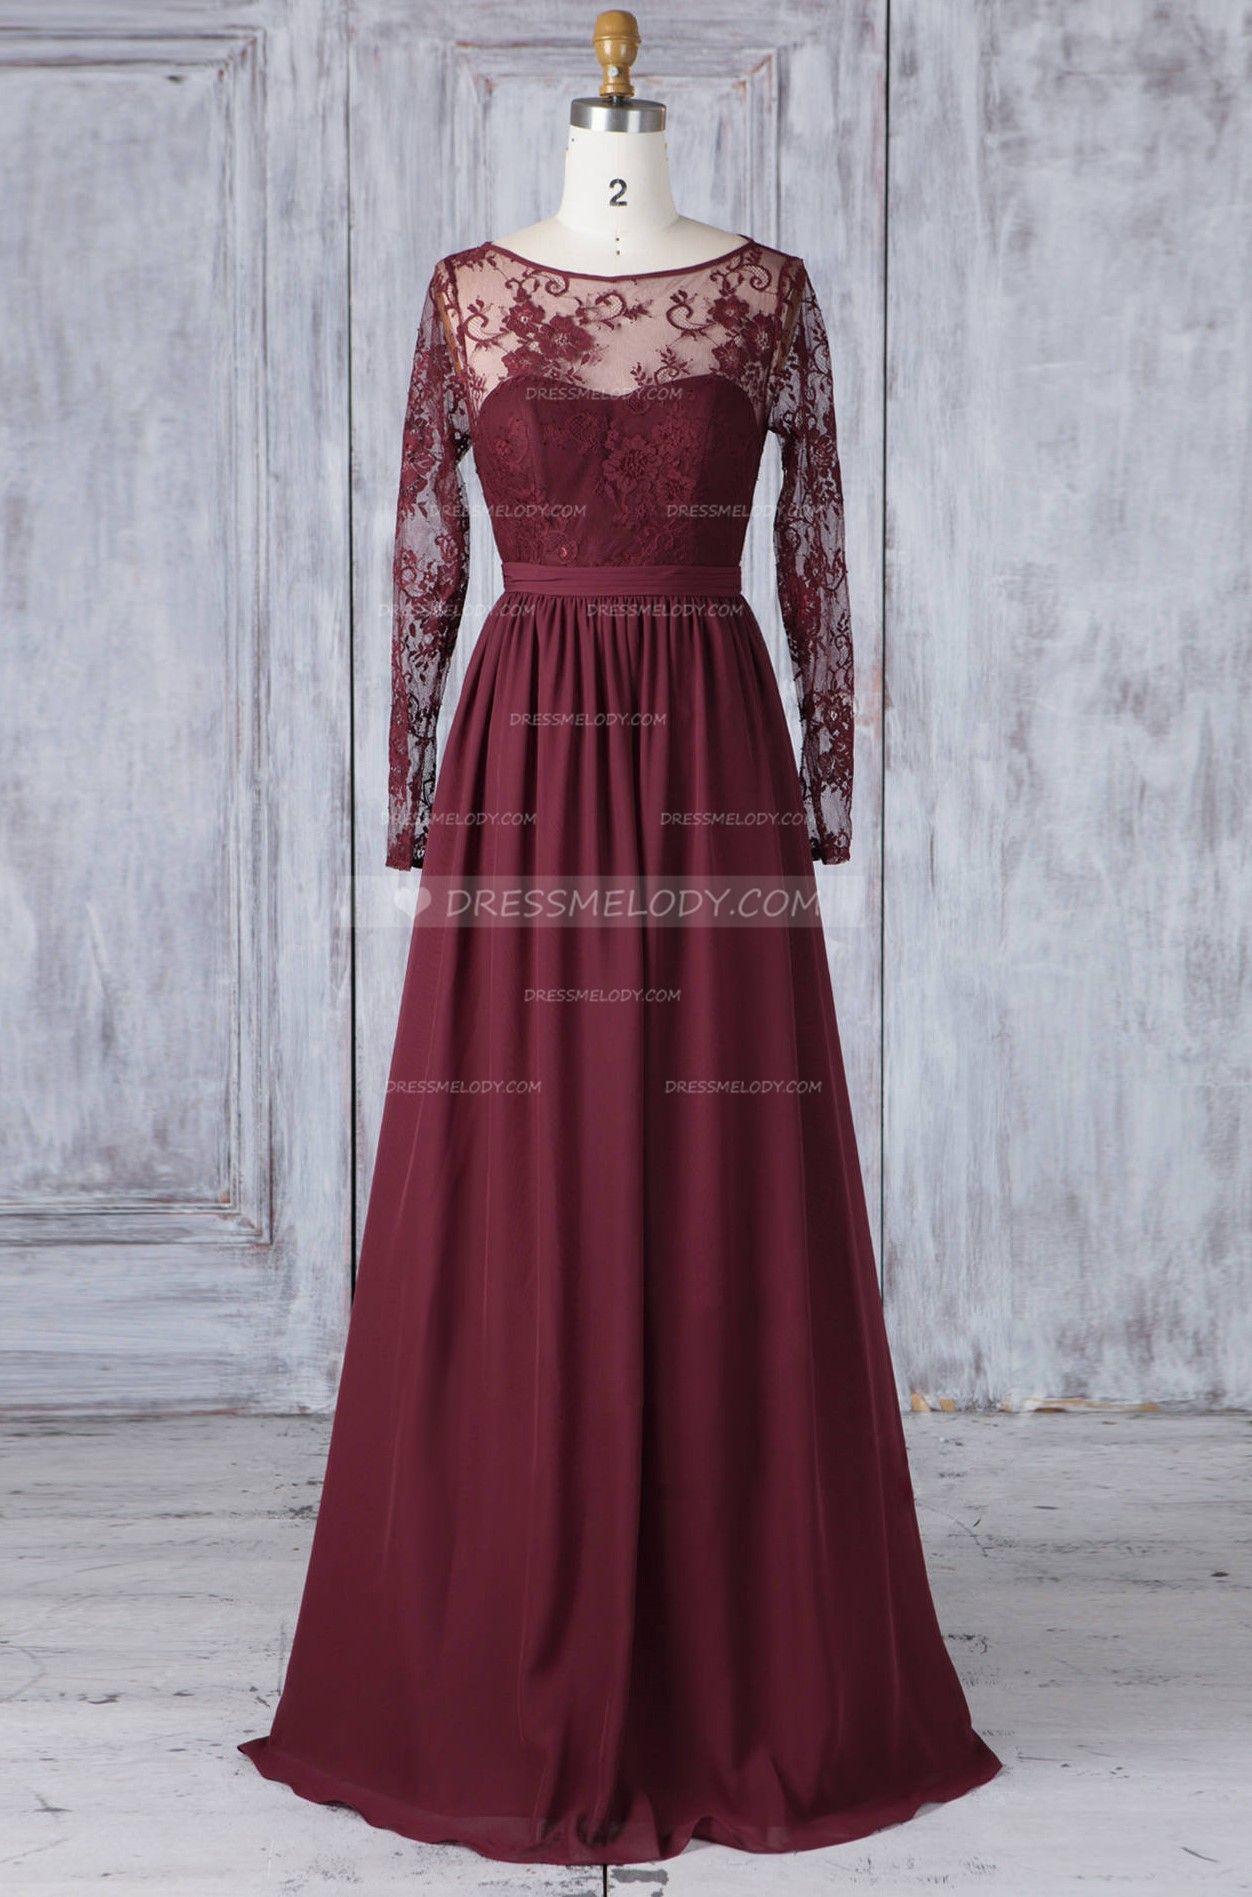 Lace sheer bateau neck long sleeves long solid chiffon bridesmaid